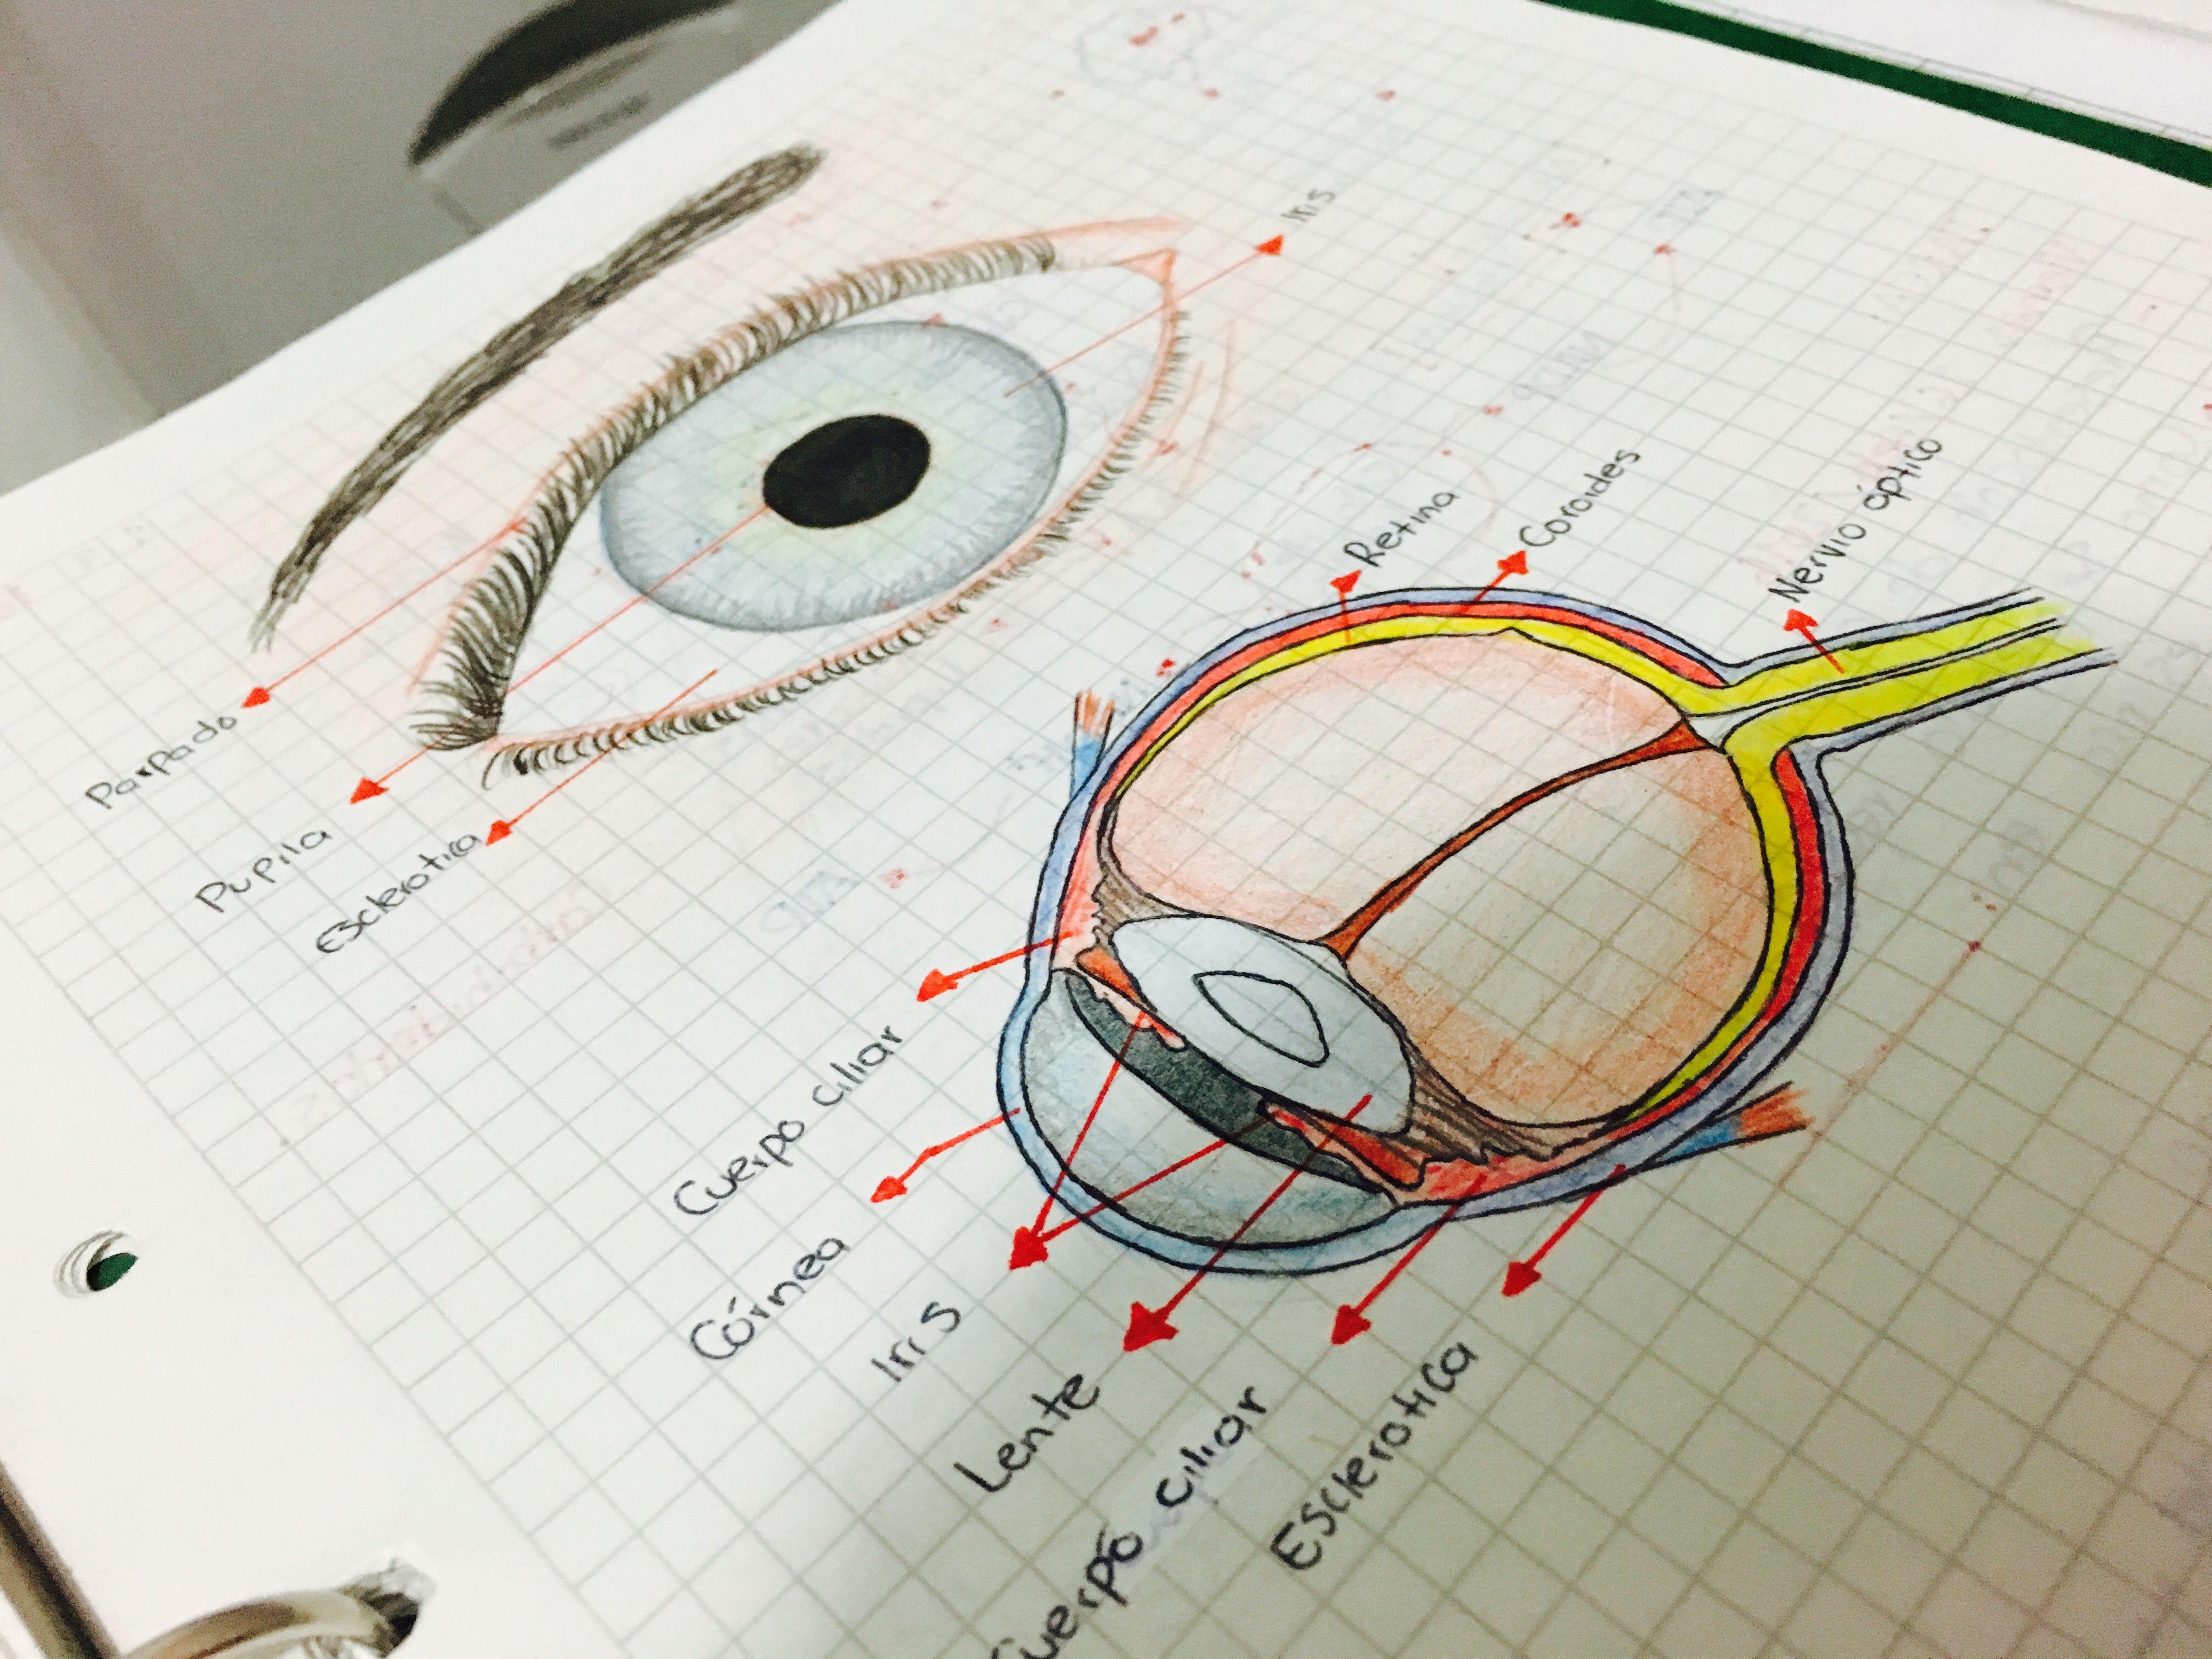 Ojo humano y sus partes | Anatomy | Pinterest | Ojo humano, Ojos y ...